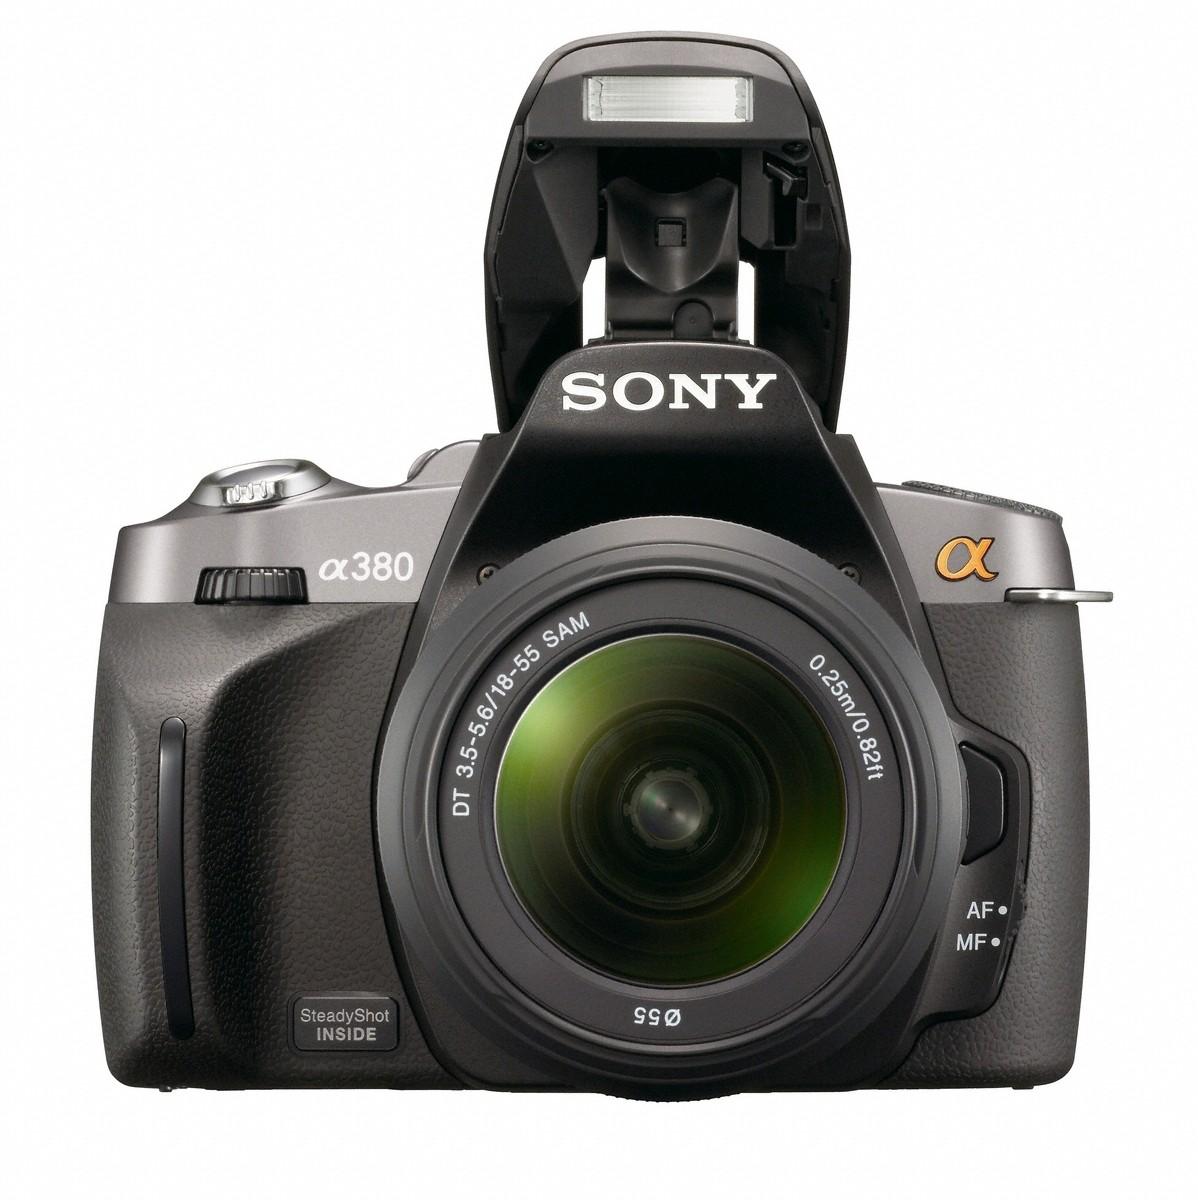 Sony mit drei neuen Spiegelreflexkameras für Einsteiger - Sony DSLR-A380